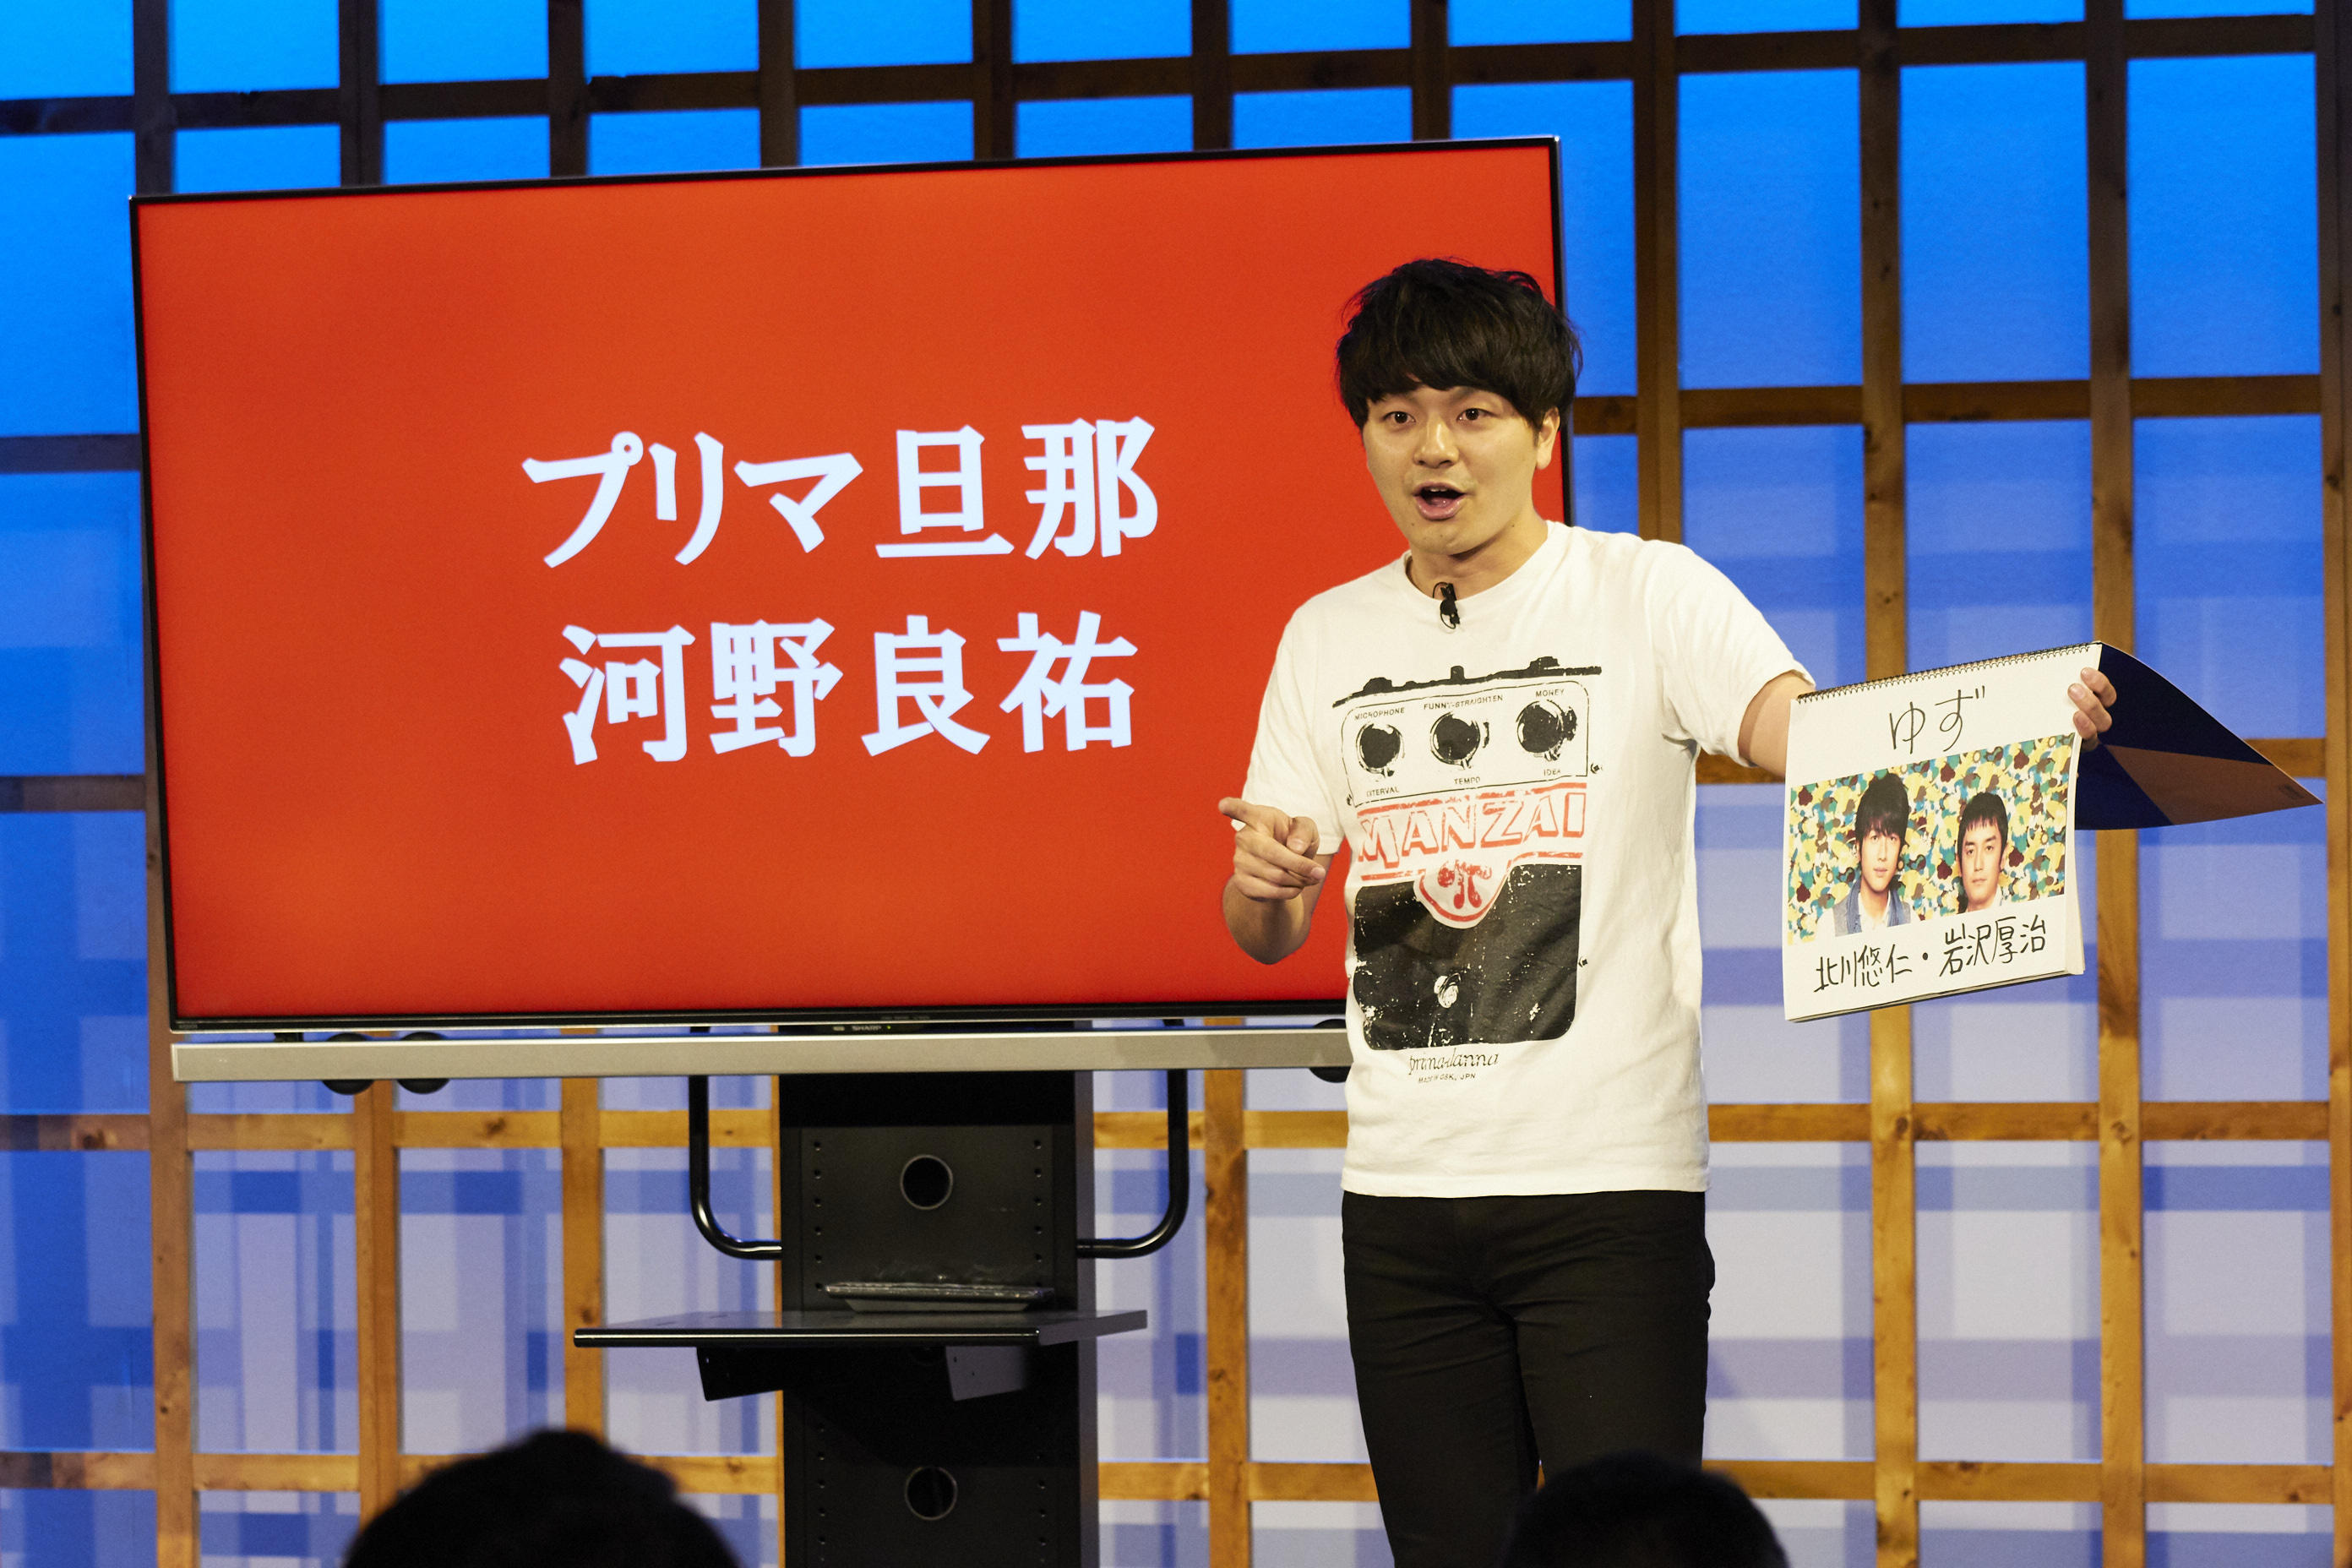 http://news.yoshimoto.co.jp/20180401100928-fef8d8f5940a9adb560b6b43d63b1324e5bd9e39.jpg